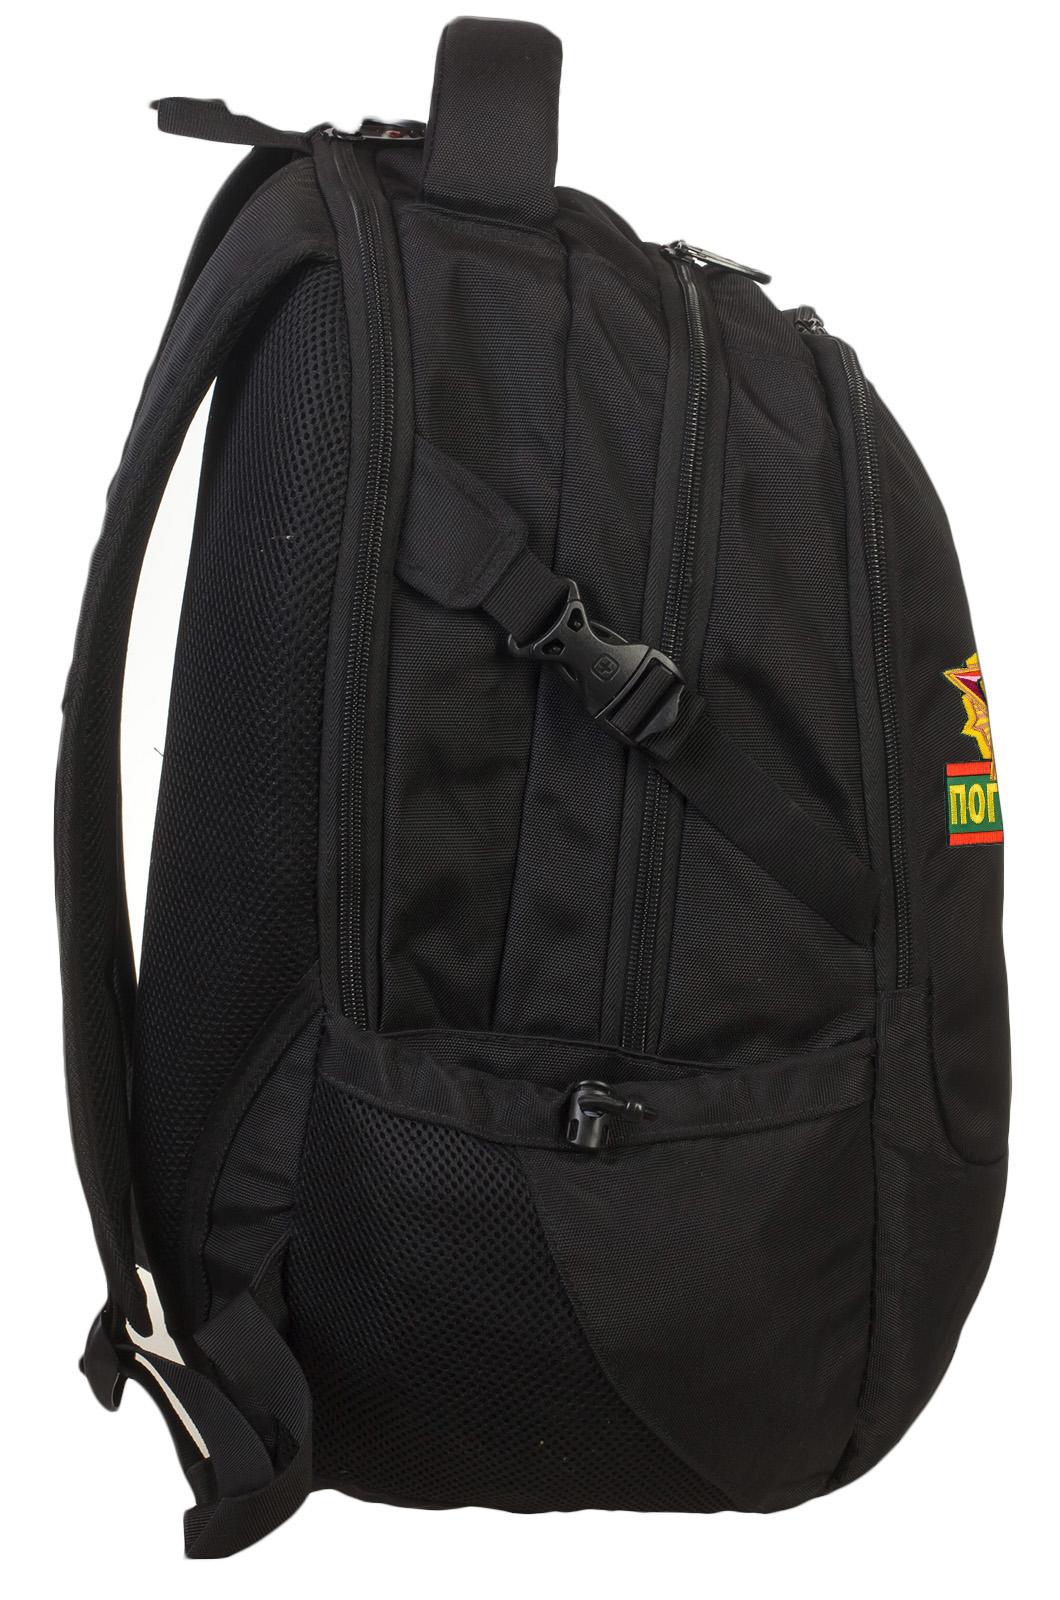 Крутой эргономичный рюкзак с нашивкой Погранвойска - заказать выгодно